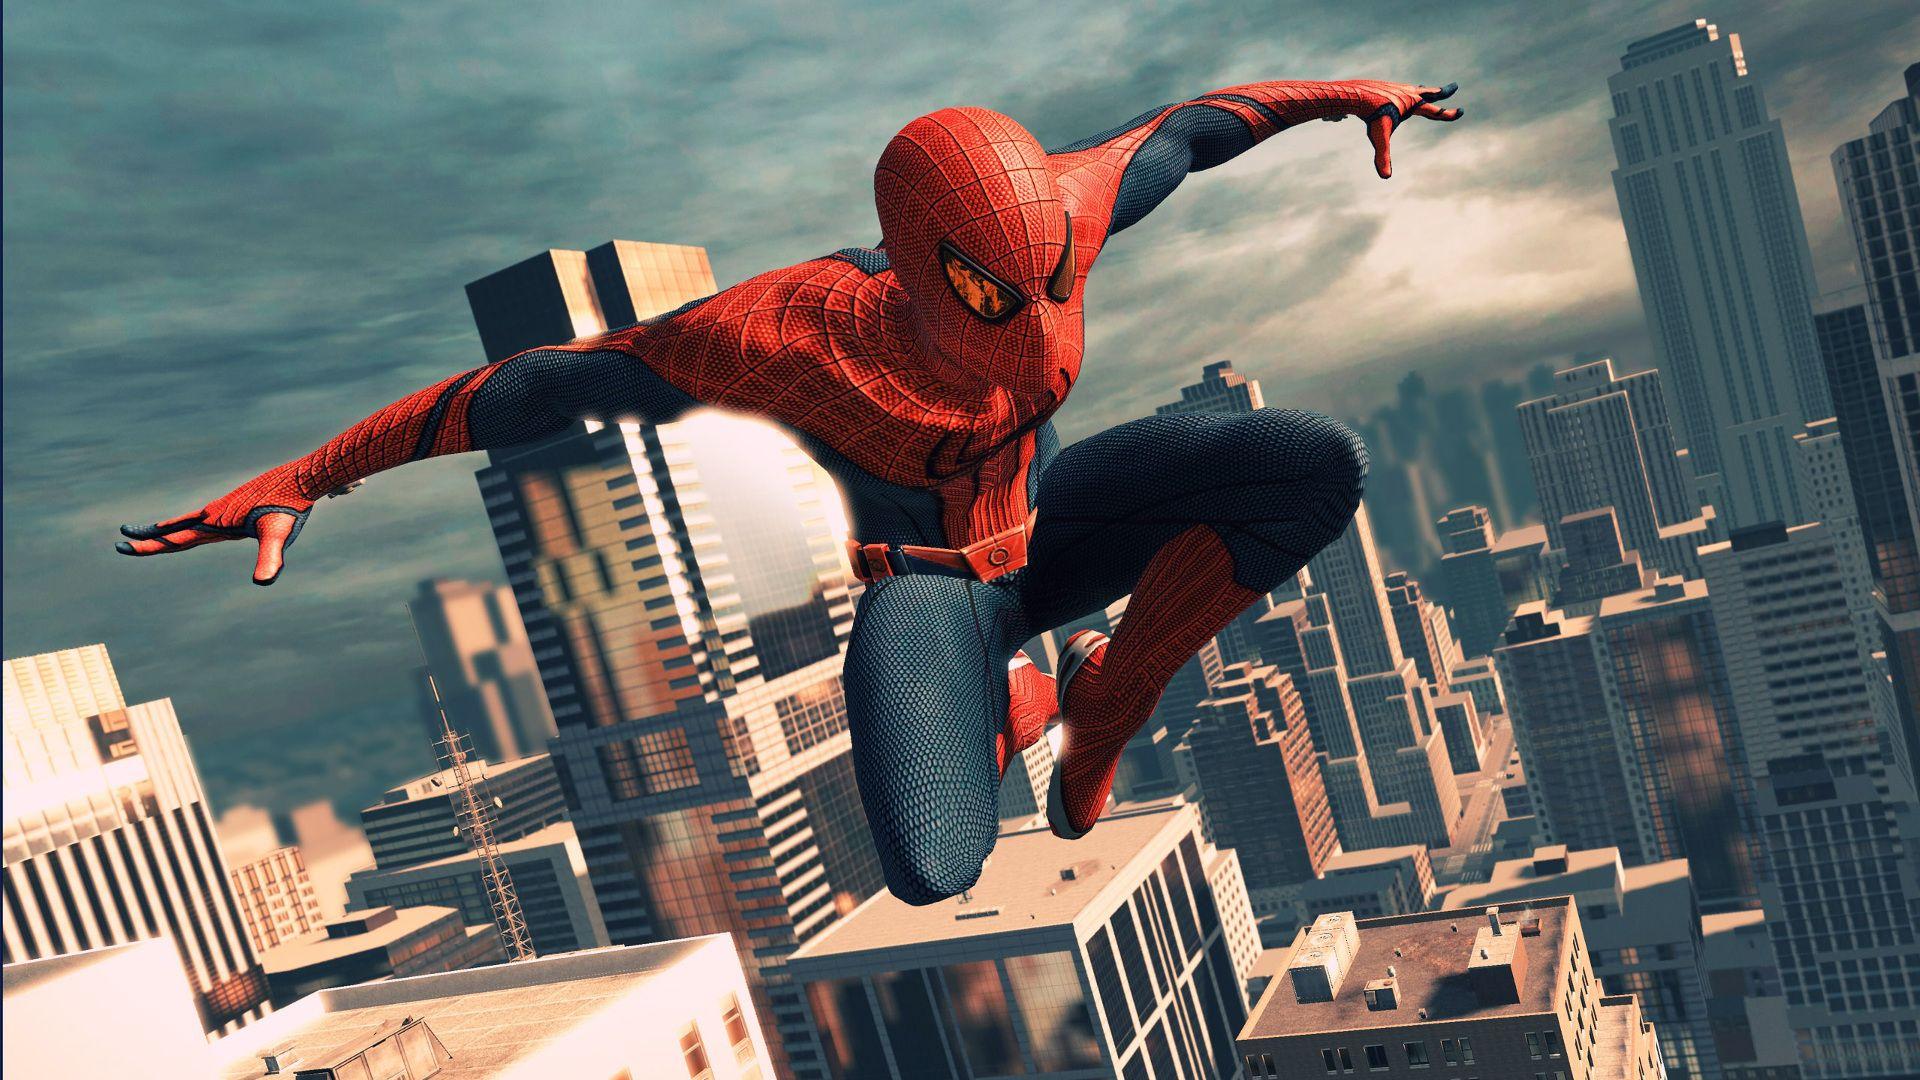 spider man wallpaper 4k